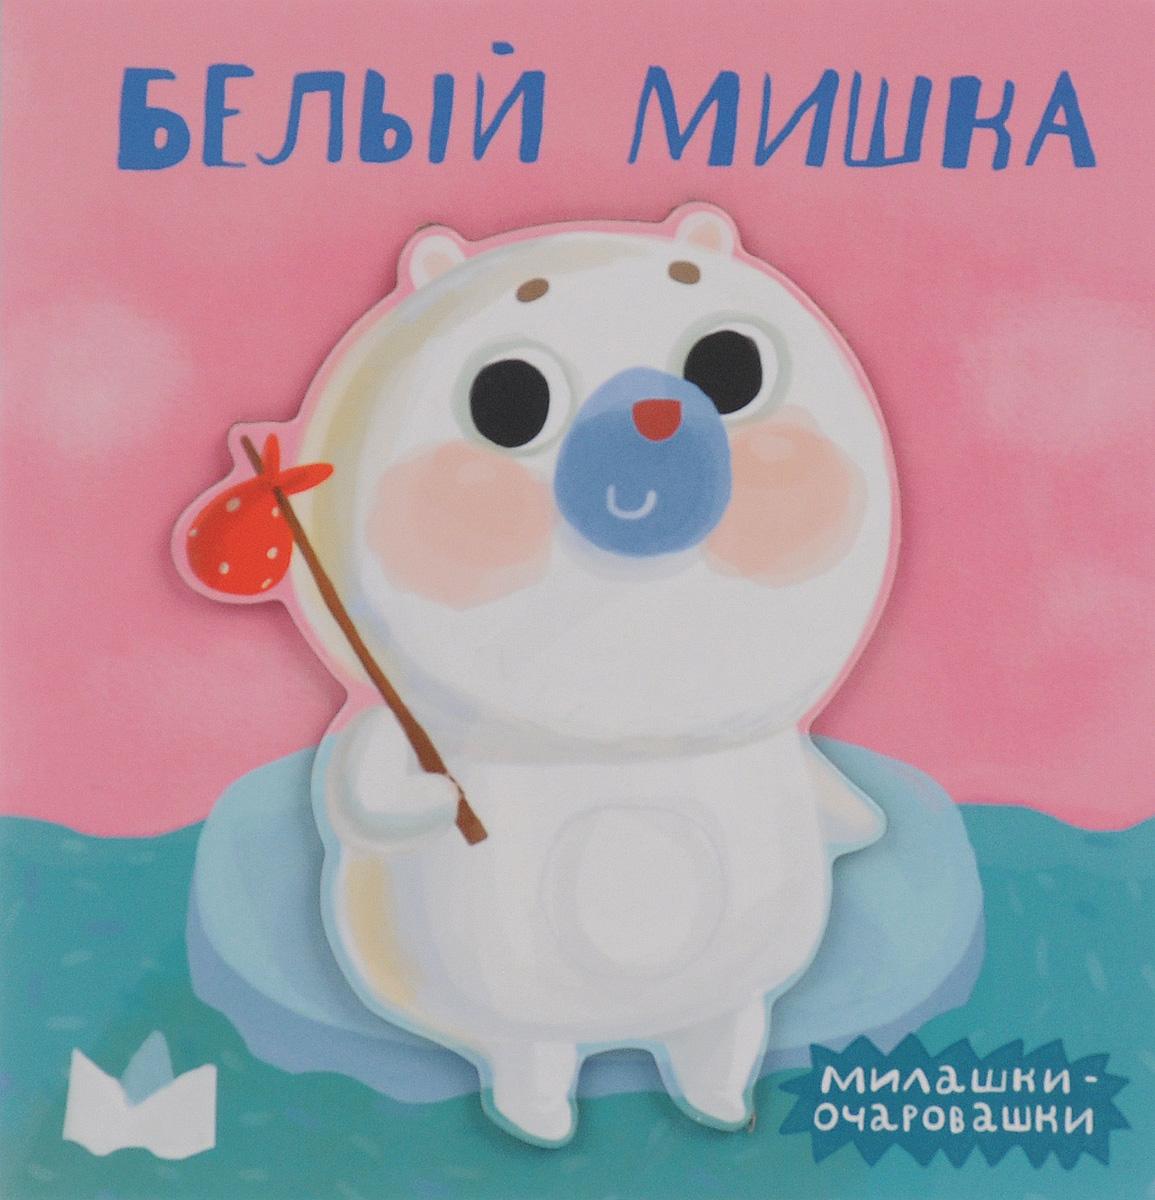 Белый мишка12296407Книги серии Милашки-очаровашки предназначены для самых маленьких. Малыши совершат путешествие вместе с очаровательным медвежонком. Книга сделана из плотного картона, дети могут играть с ней, не опасаясь повредить странички. Современная развивающая книга Белый мишка поможет ребенку в игровой форме научиться самым необходимым и важным вещам, получить начальные знания жизни и начальное образование! Совместное чтение и занятия со взрослыми доставит большое удовольствие и сблизит.